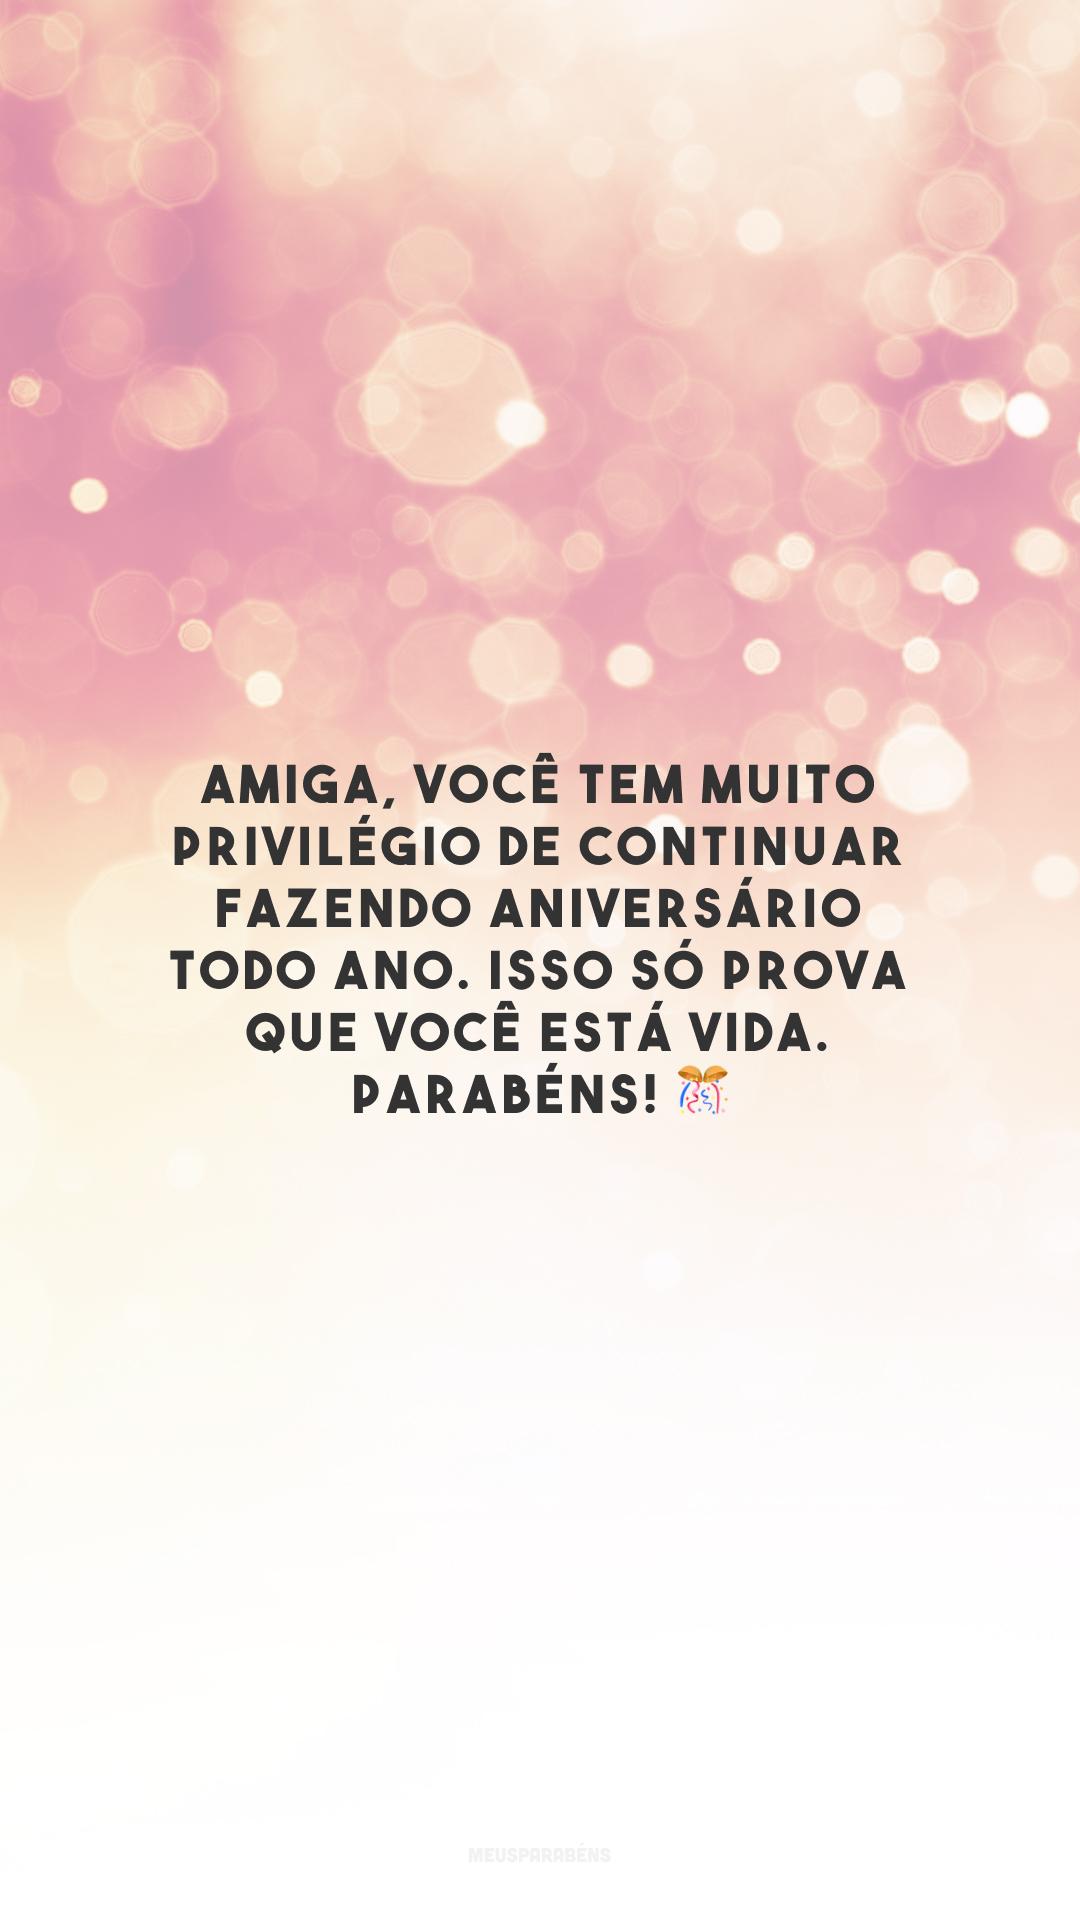 Amiga, você tem muito privilégio de continuar fazendo aniversário todo ano. Isso só prova que você está vida. Parabéns! 🎊